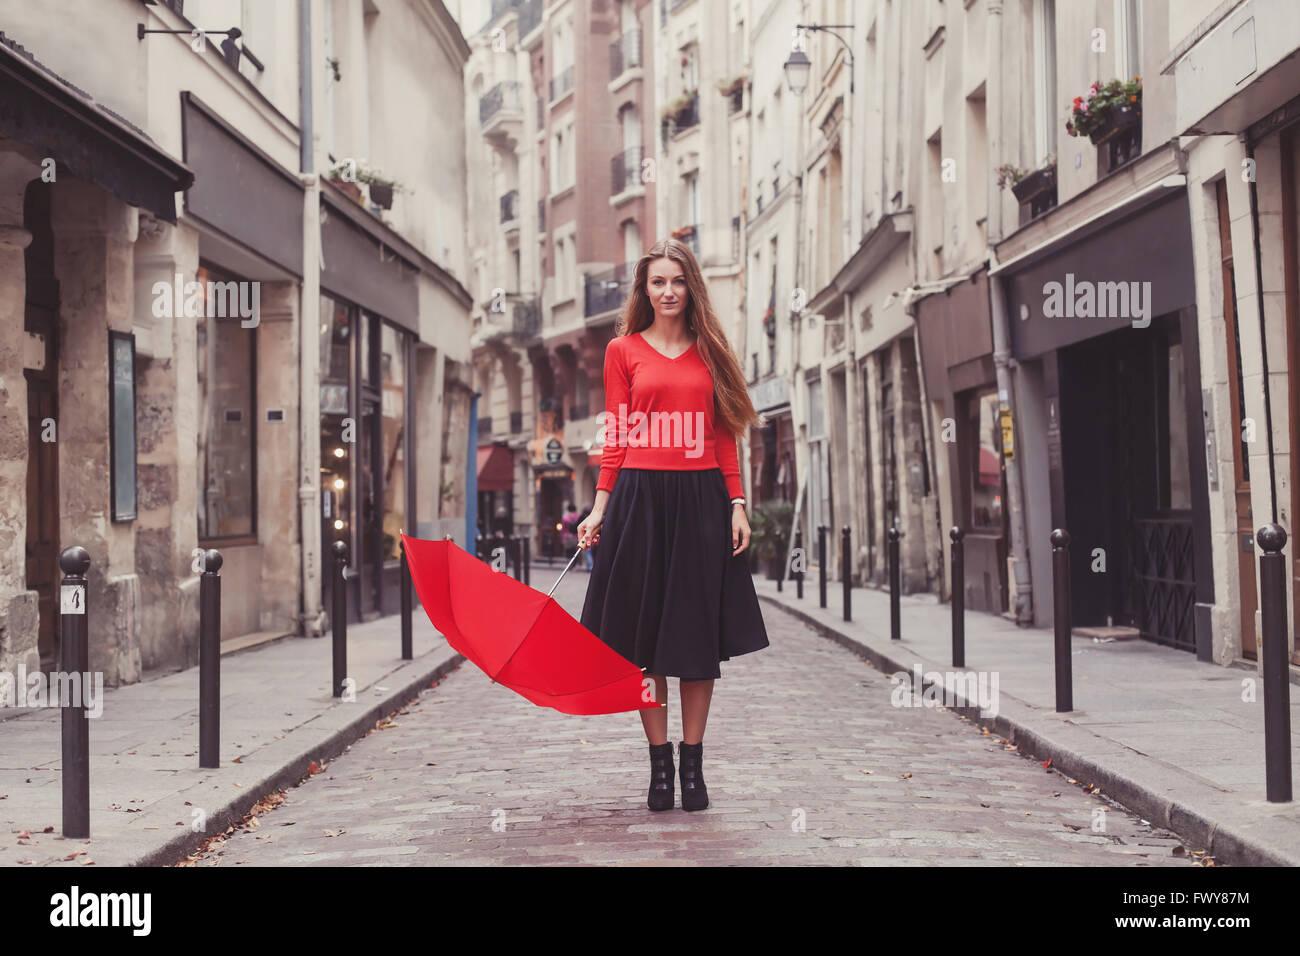 schöne Frau, Porträt von Mädchen mit roten Regenschirm stehen auf der Straße von Paris Stockbild